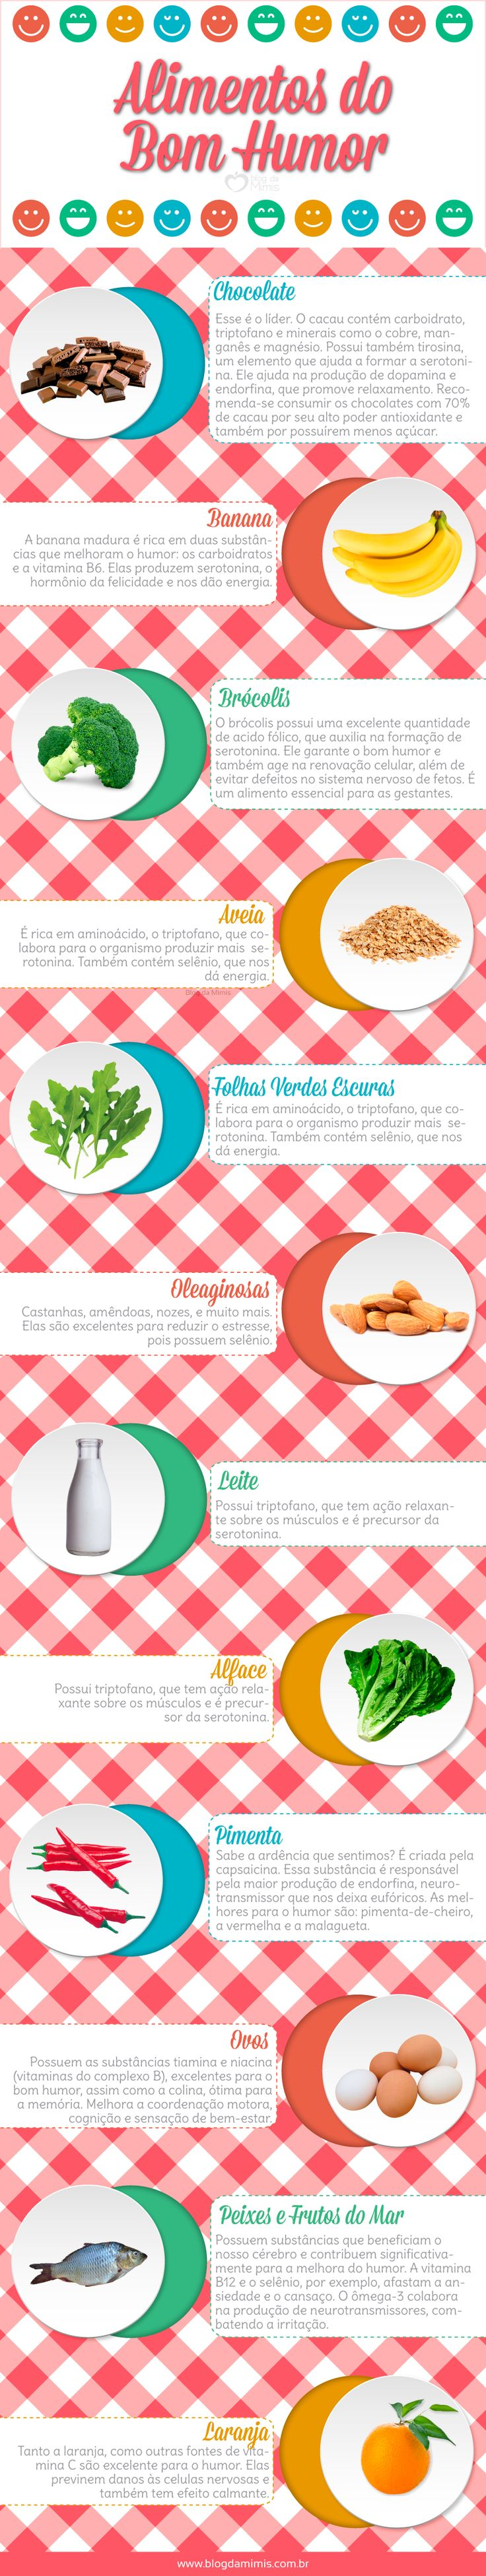 Alimentos do bom humor do Blog da Mimis - Comer bem pra ser feliz! Que tal colocar esses alimentos no dia a dia?